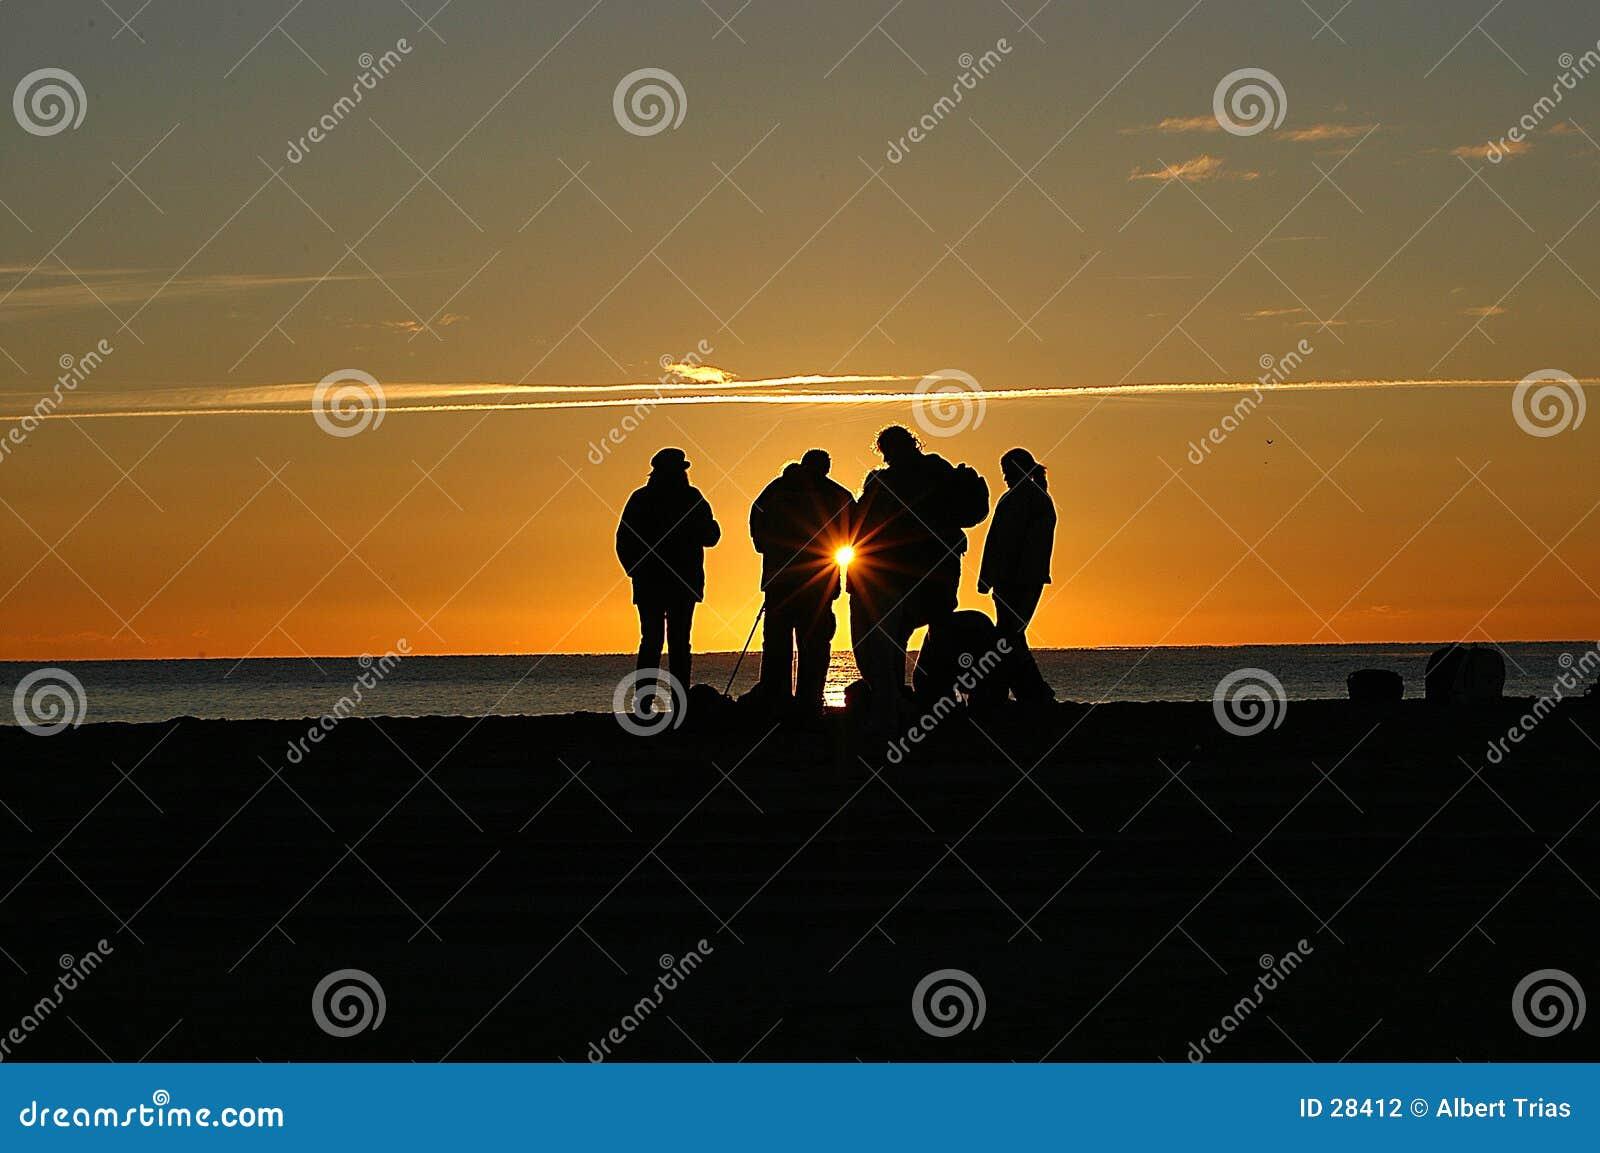 Download Salida del sol foto de archivo. Imagen de lente, playa, sunset - 28412